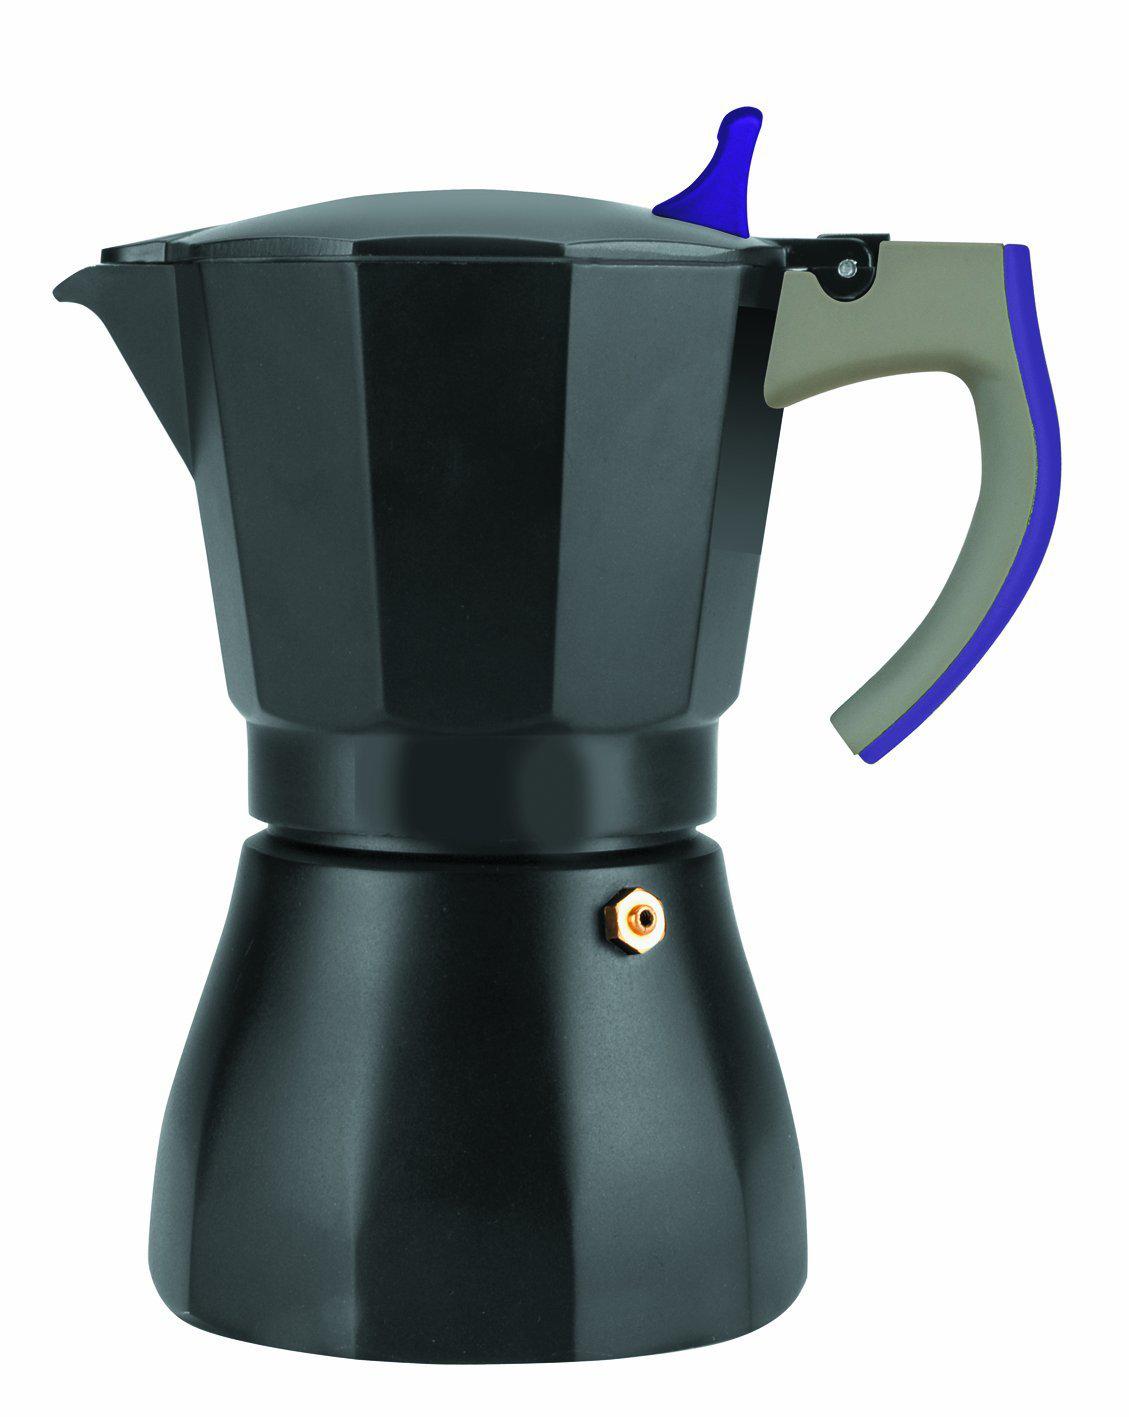 Cafetière Ibili  Porpora Espresso 3 Tasses Aluminium